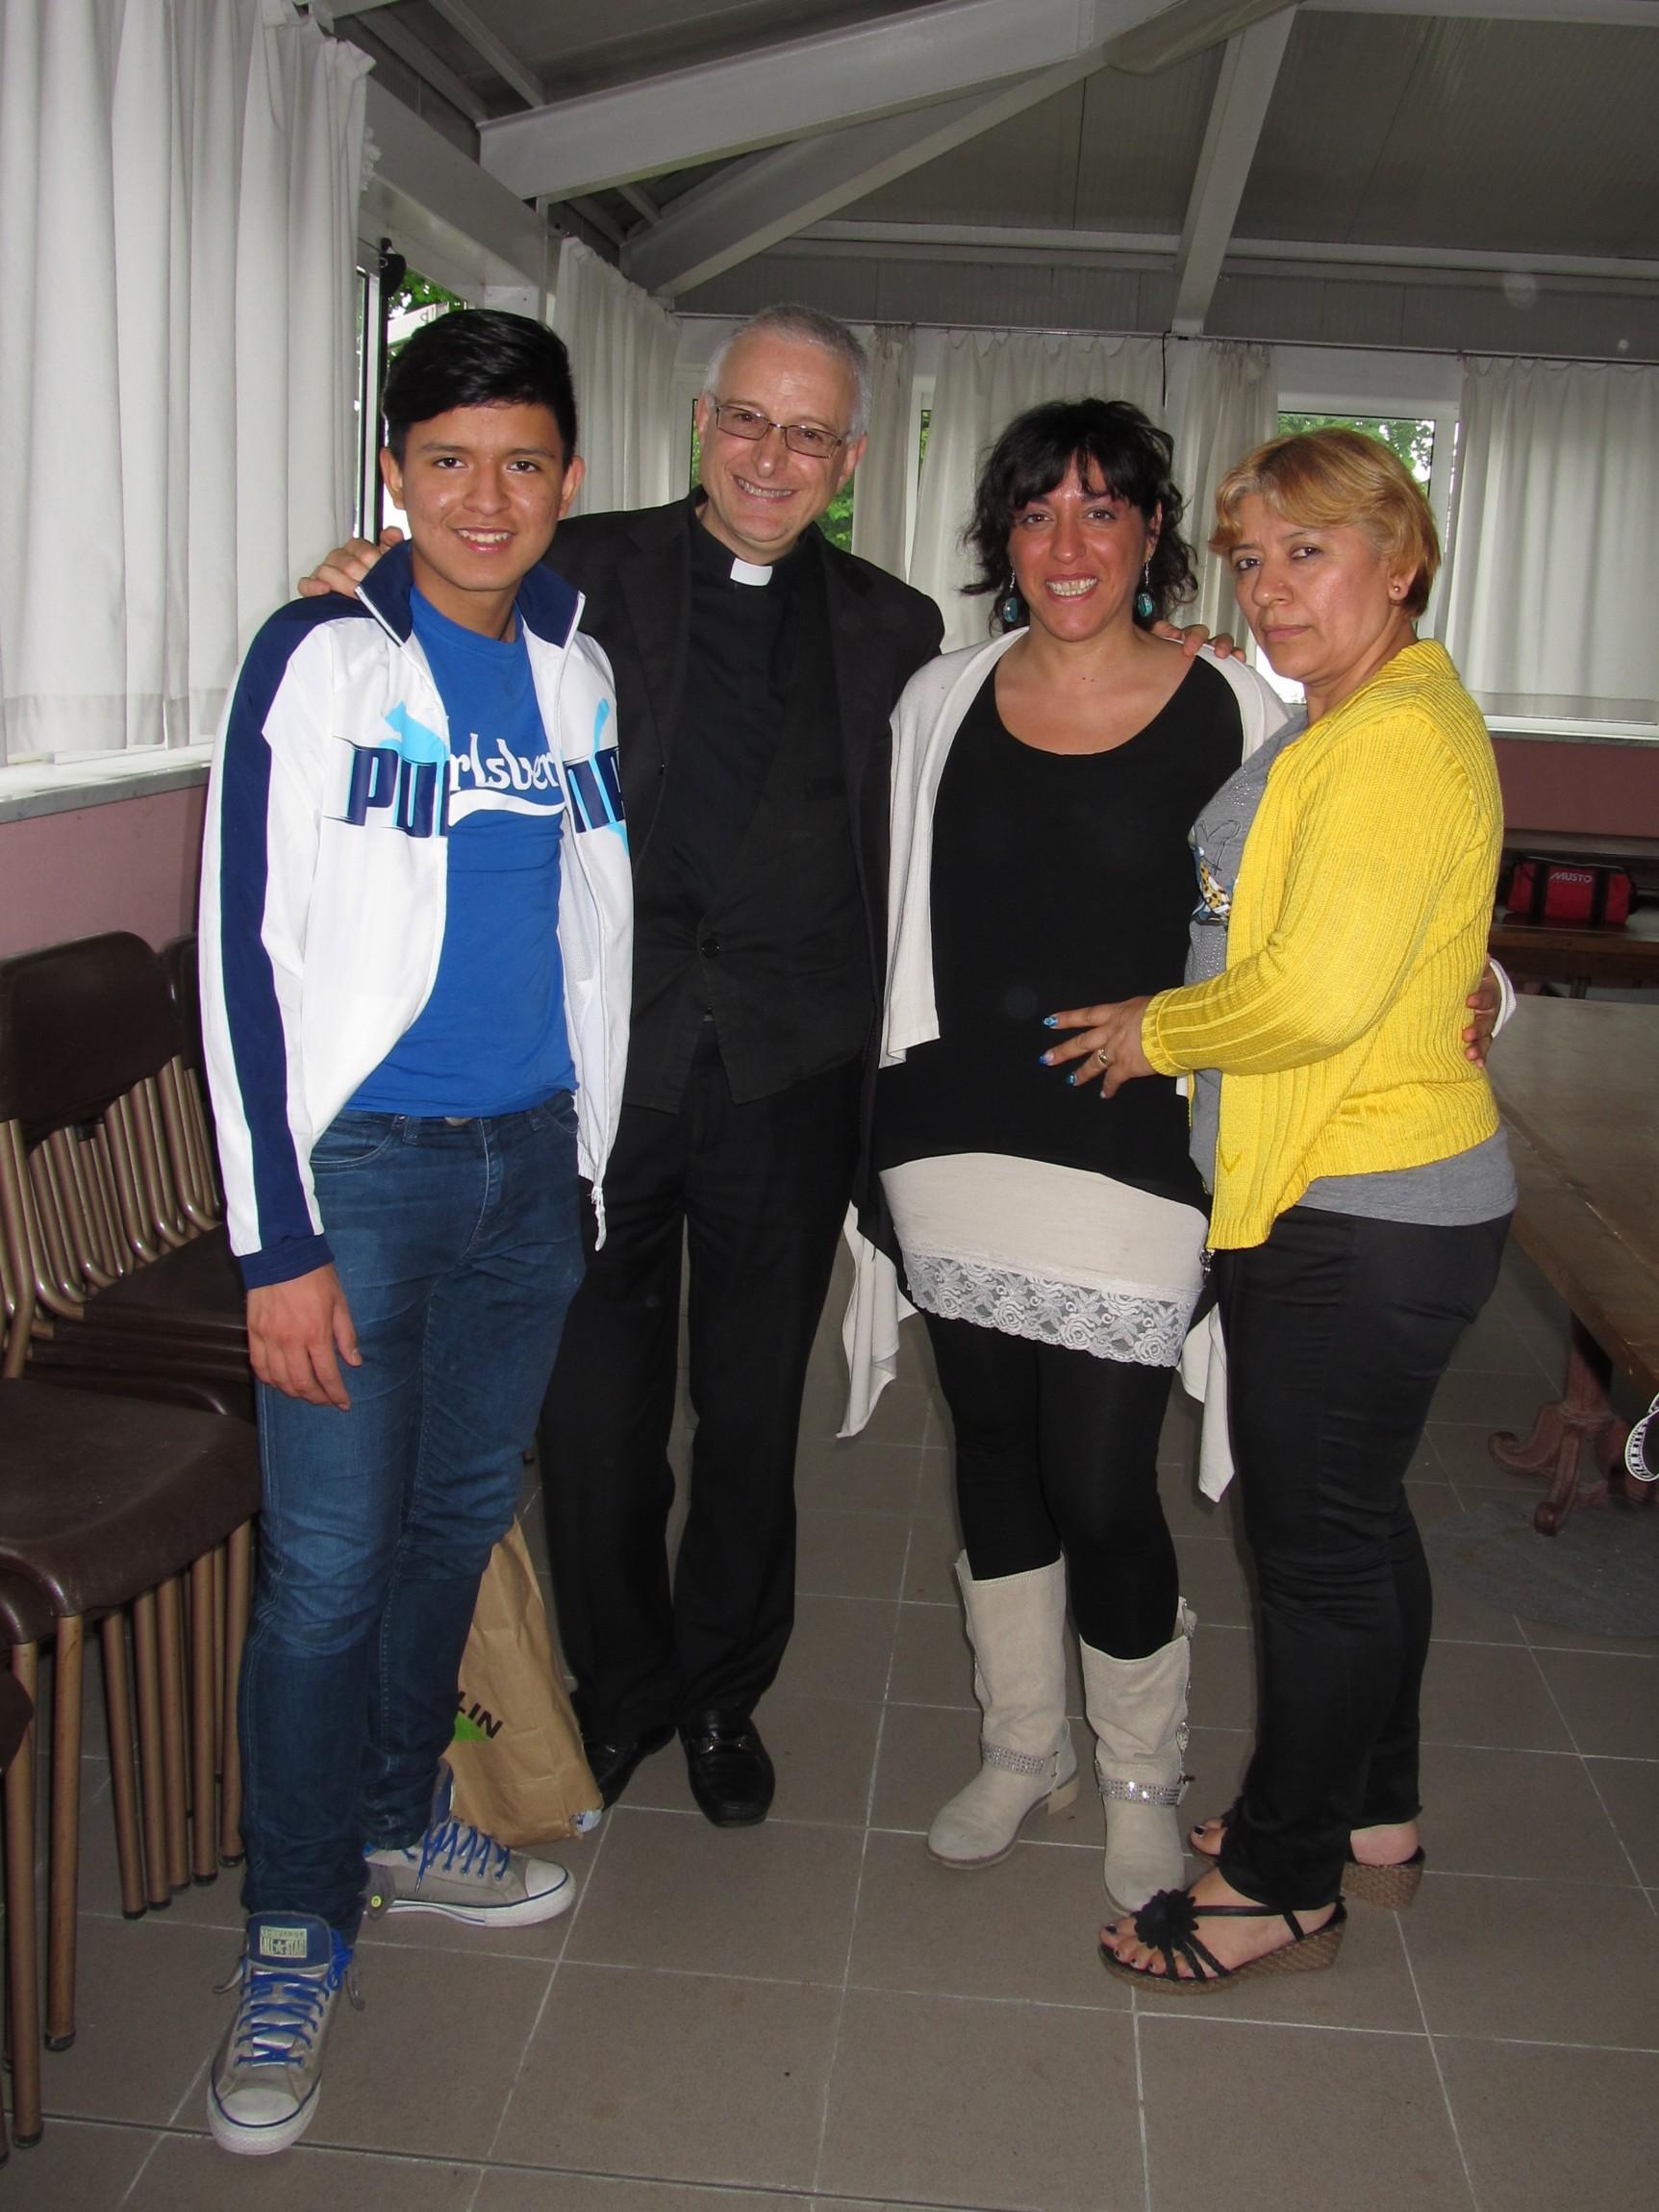 pellegrinaggio_vicariale_guardia_2014-06-15-14-27-10